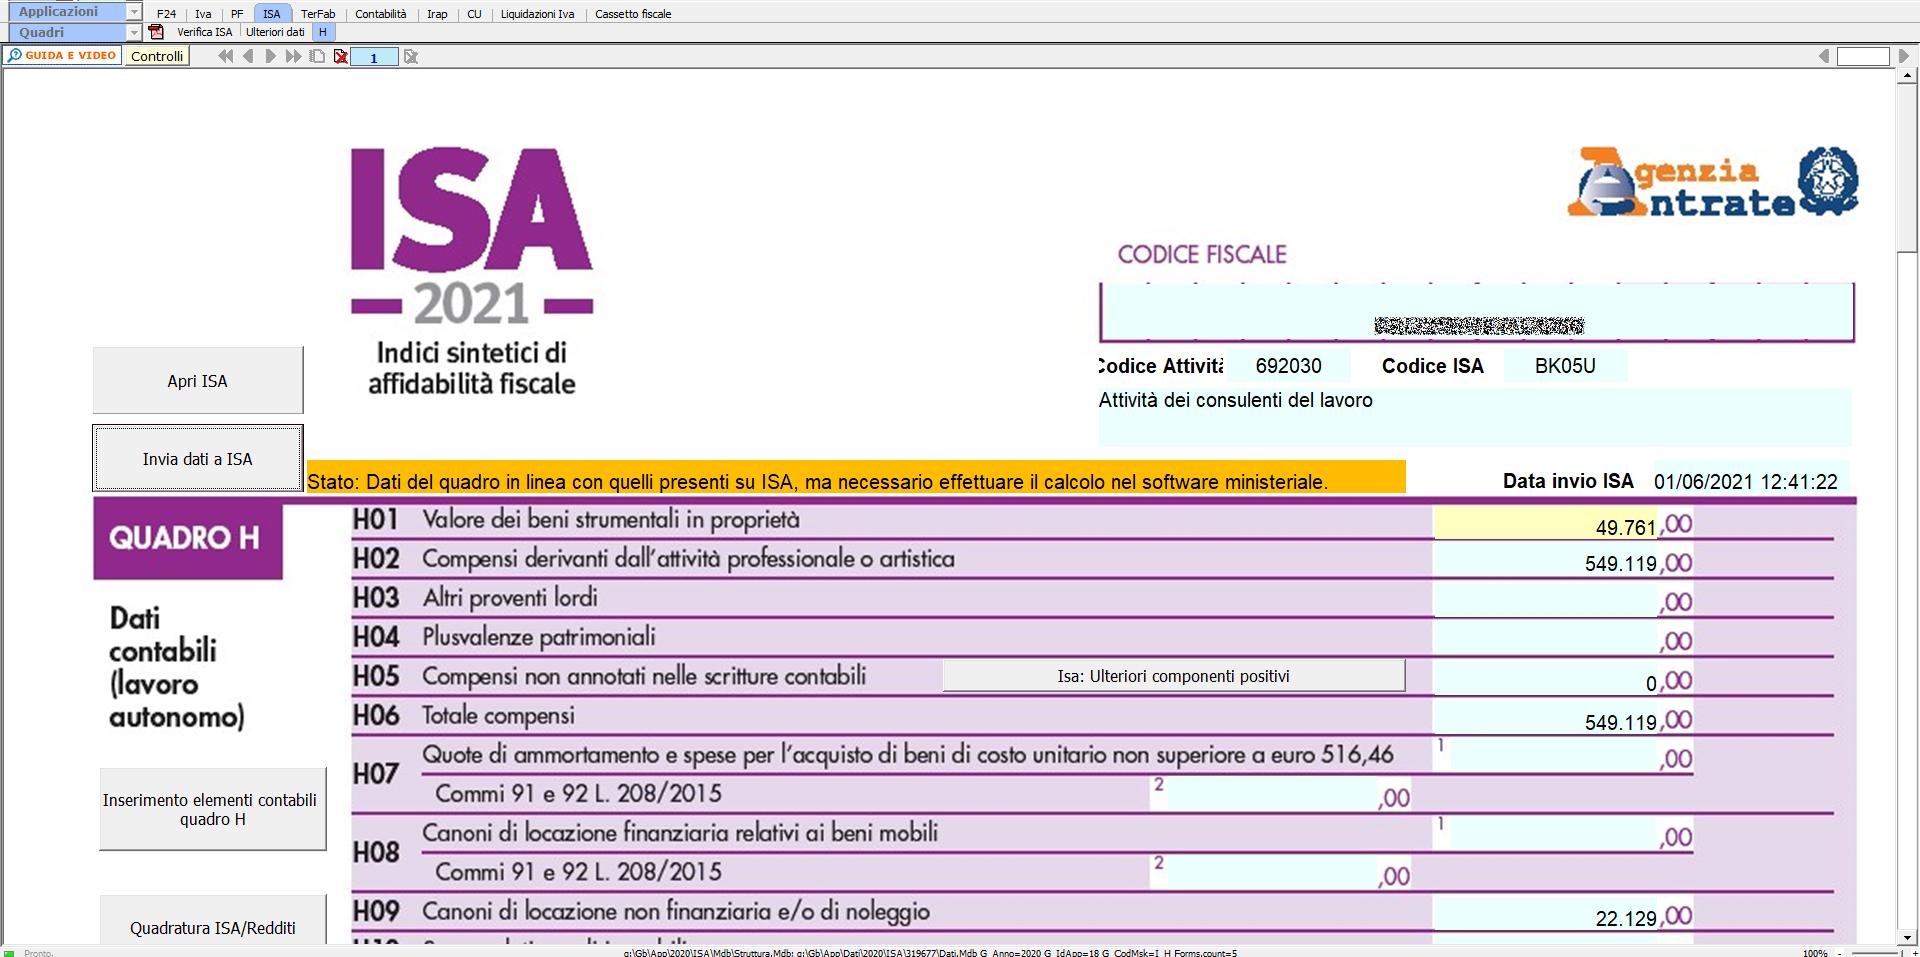 ISA Indici sintetici di affidabilità fiscale 2021: disponibile applicazione: quadro H